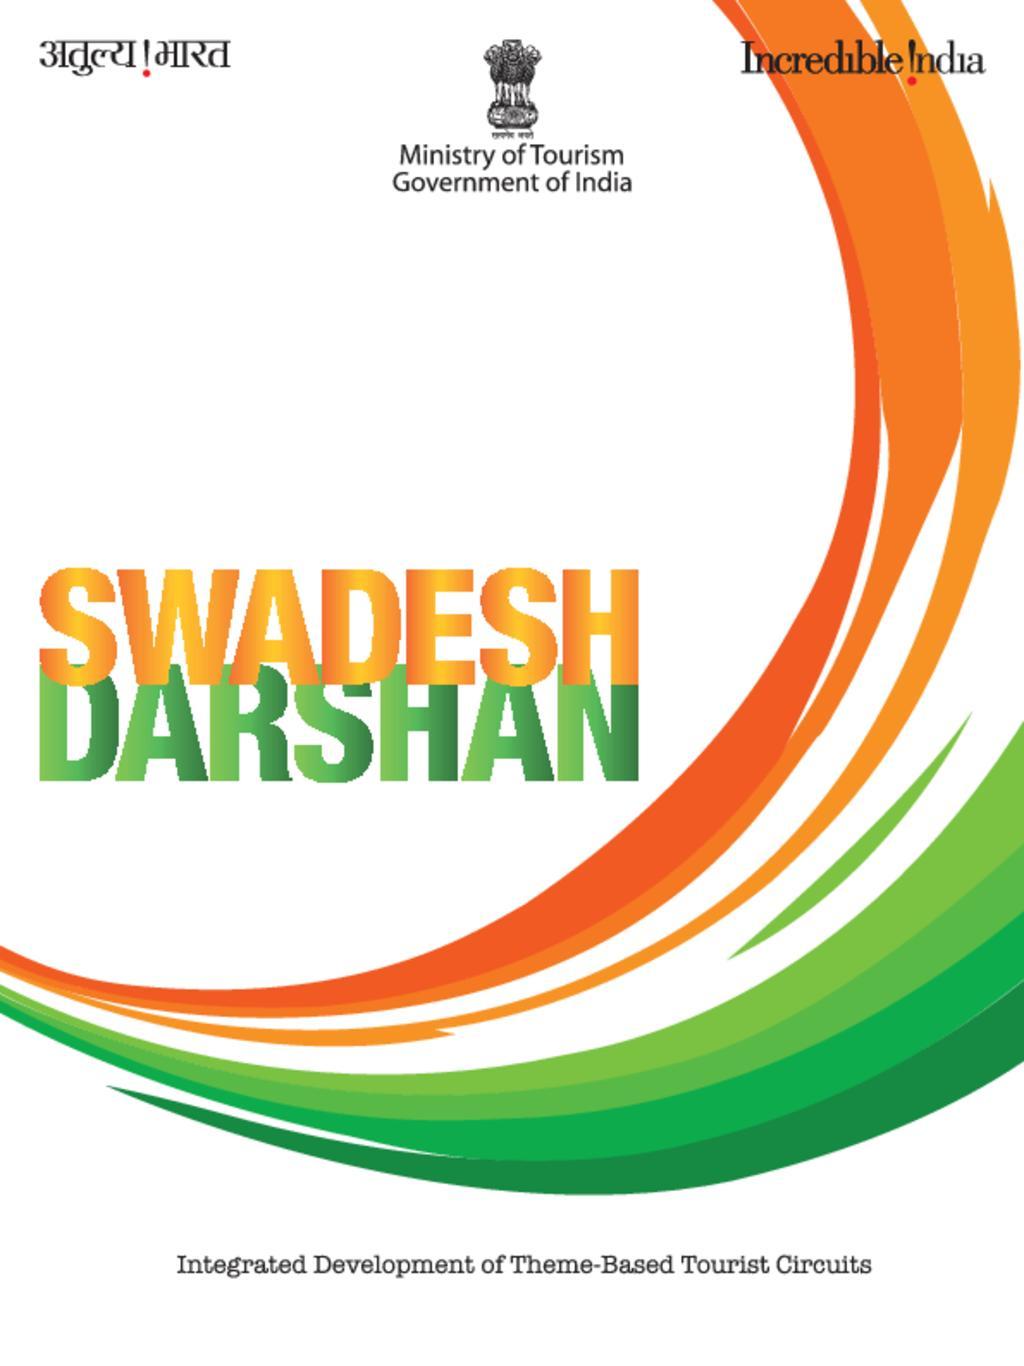 Swadesh Darshan